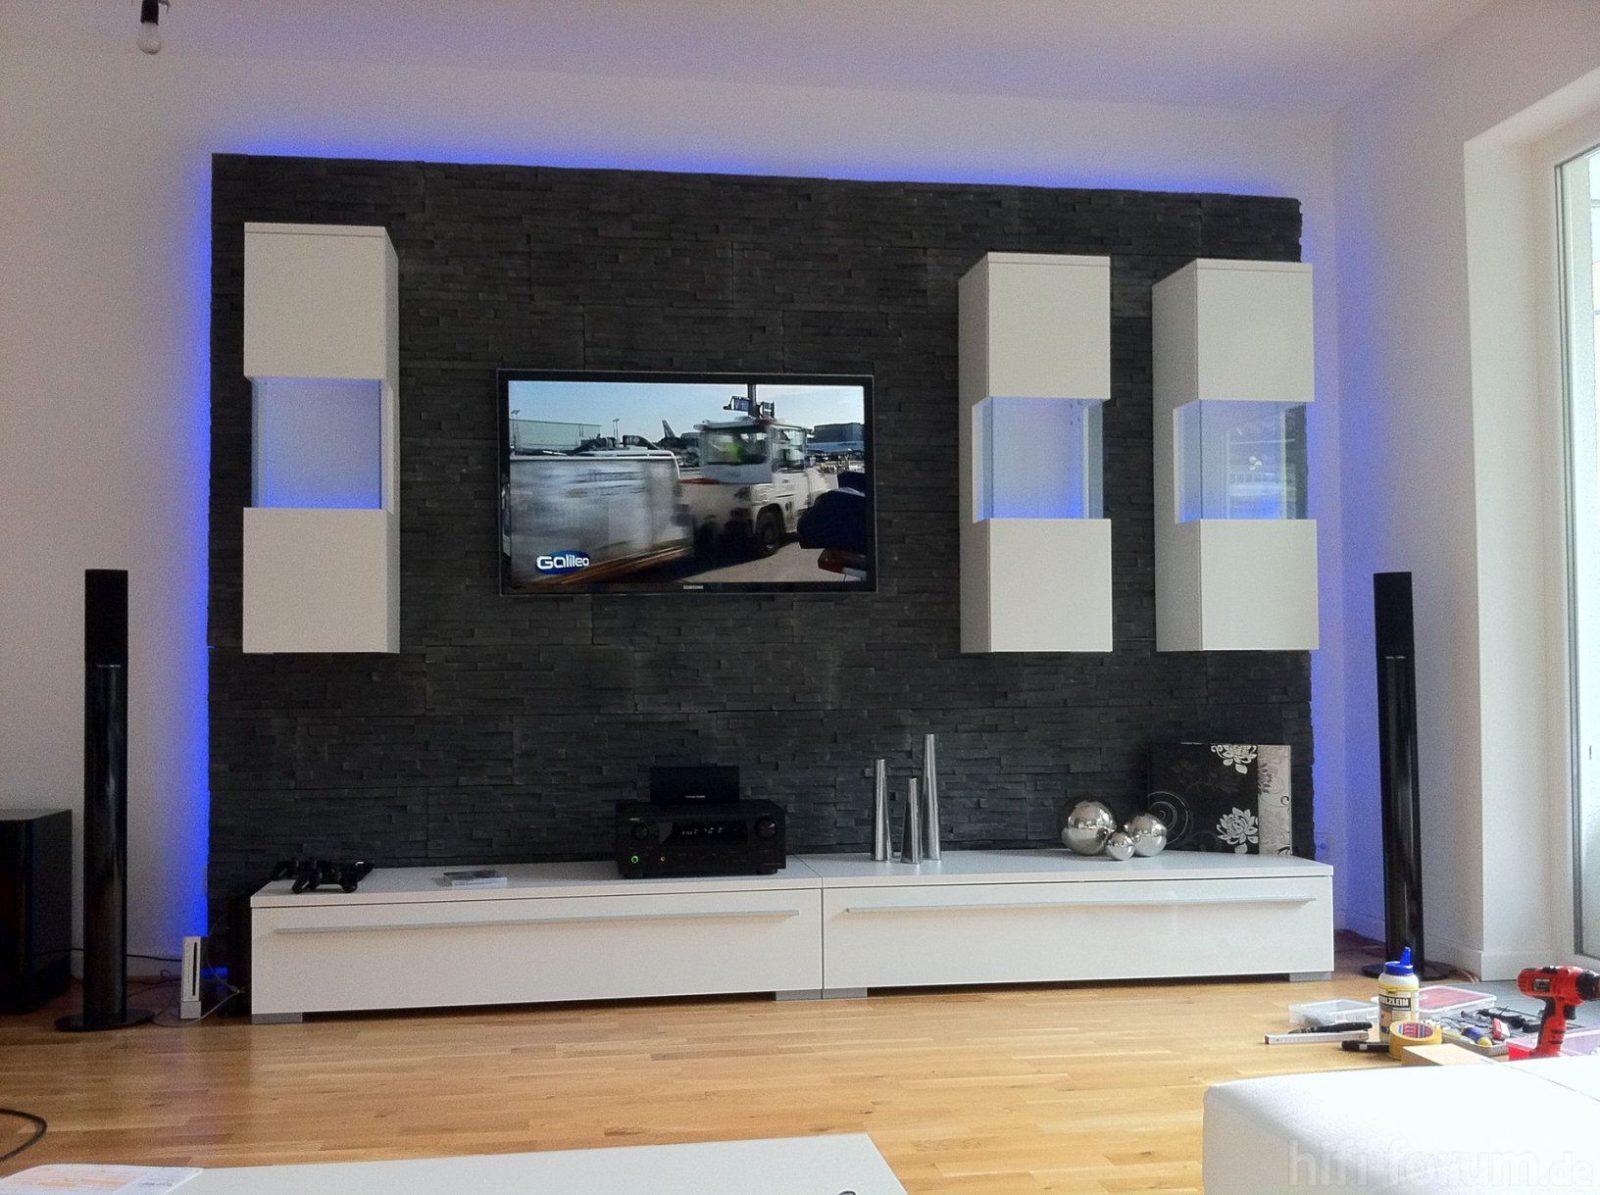 Tv Wand Selber Bauen Laminat Mit Tv Wand Selber Bauen Kosten Uf13